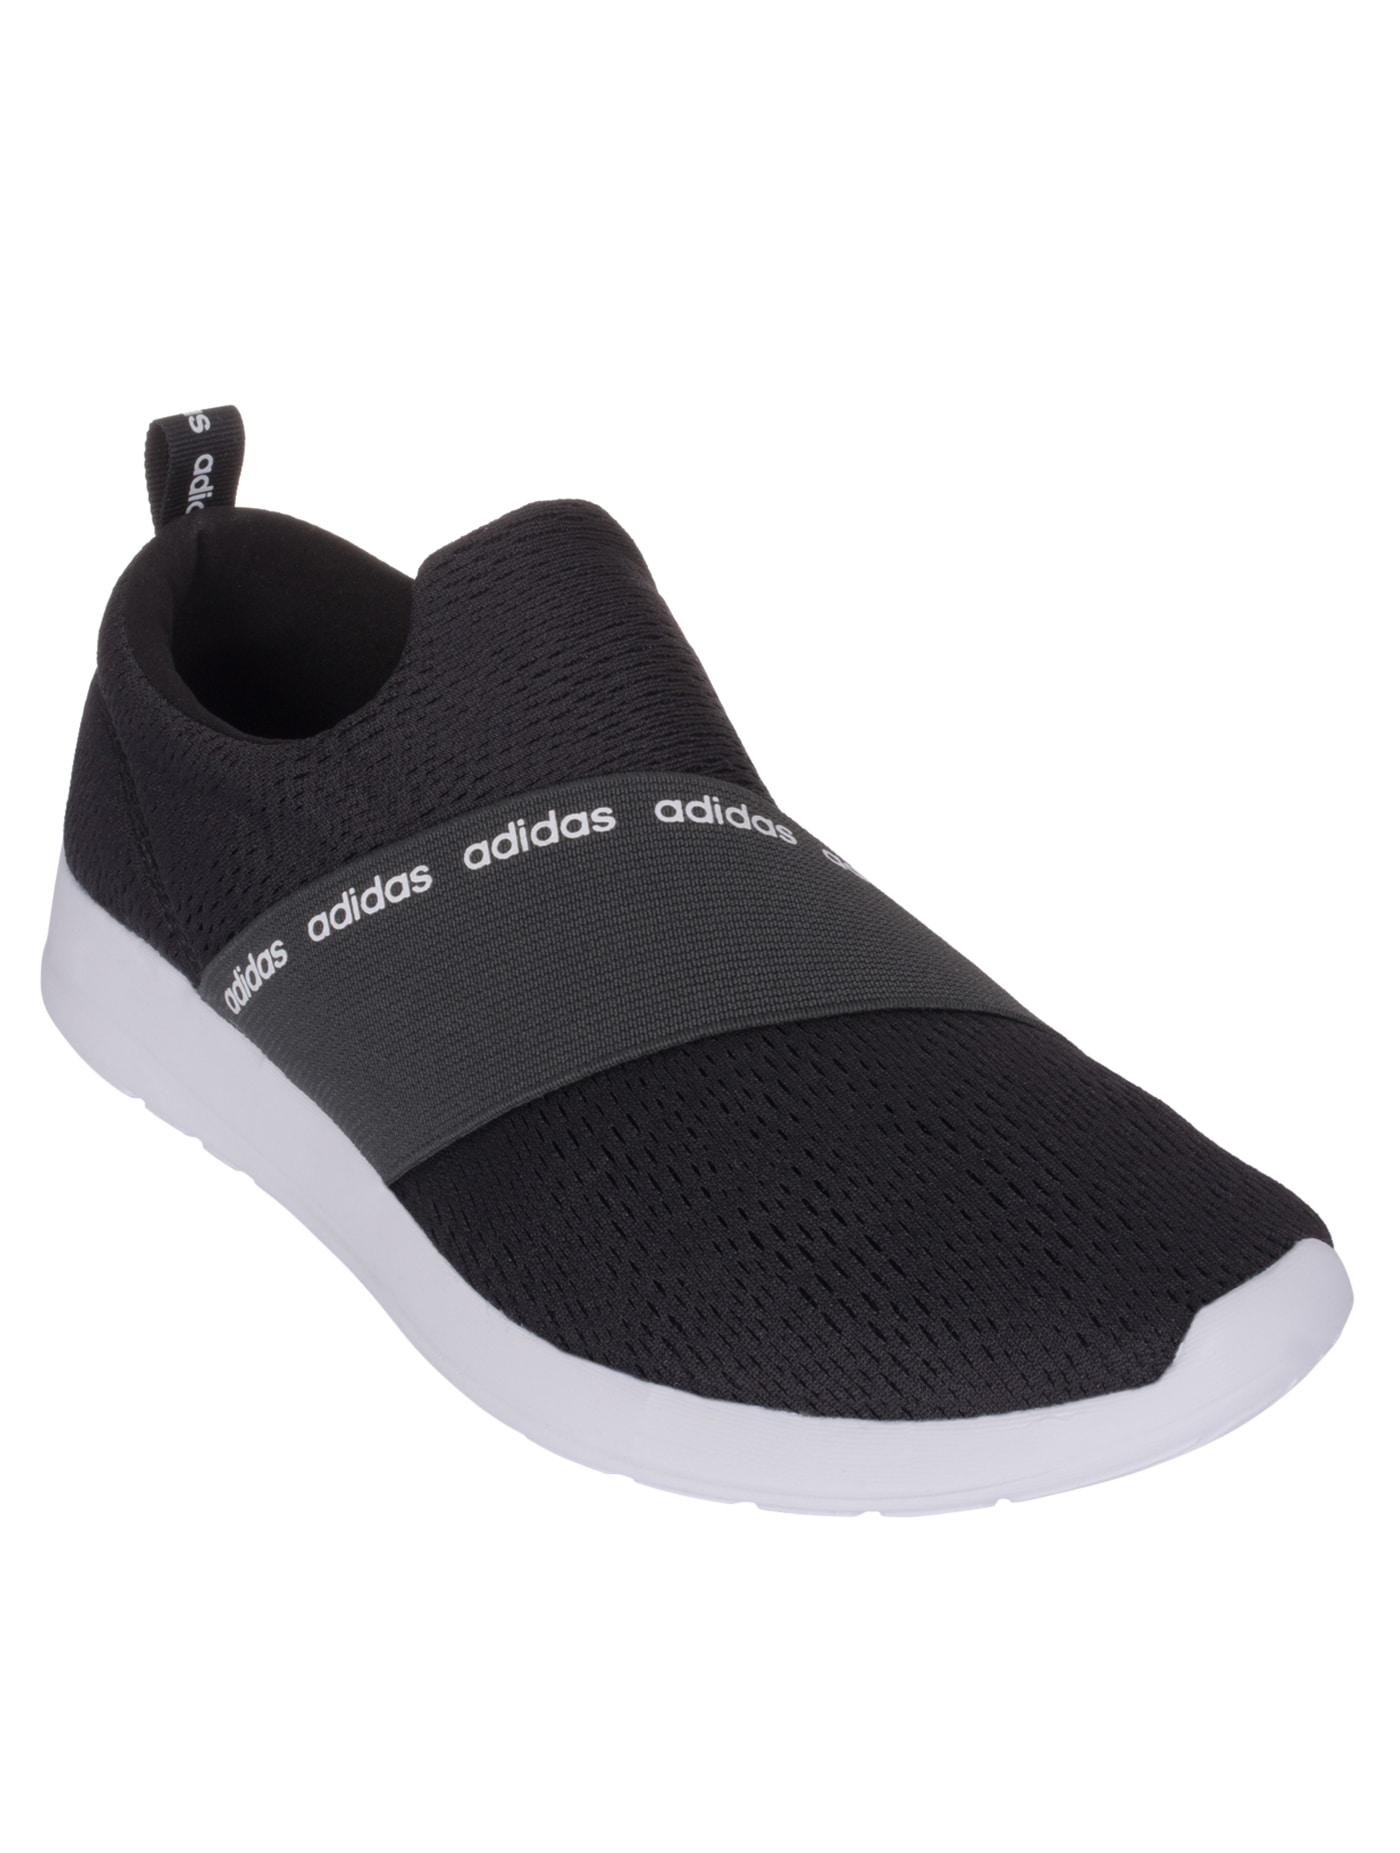 Algún día asqueroso traductor  ADIDAS NEO รองเท้าลำลองผู้หญิง รุ่น Cloudfoam Refine A | Central Online